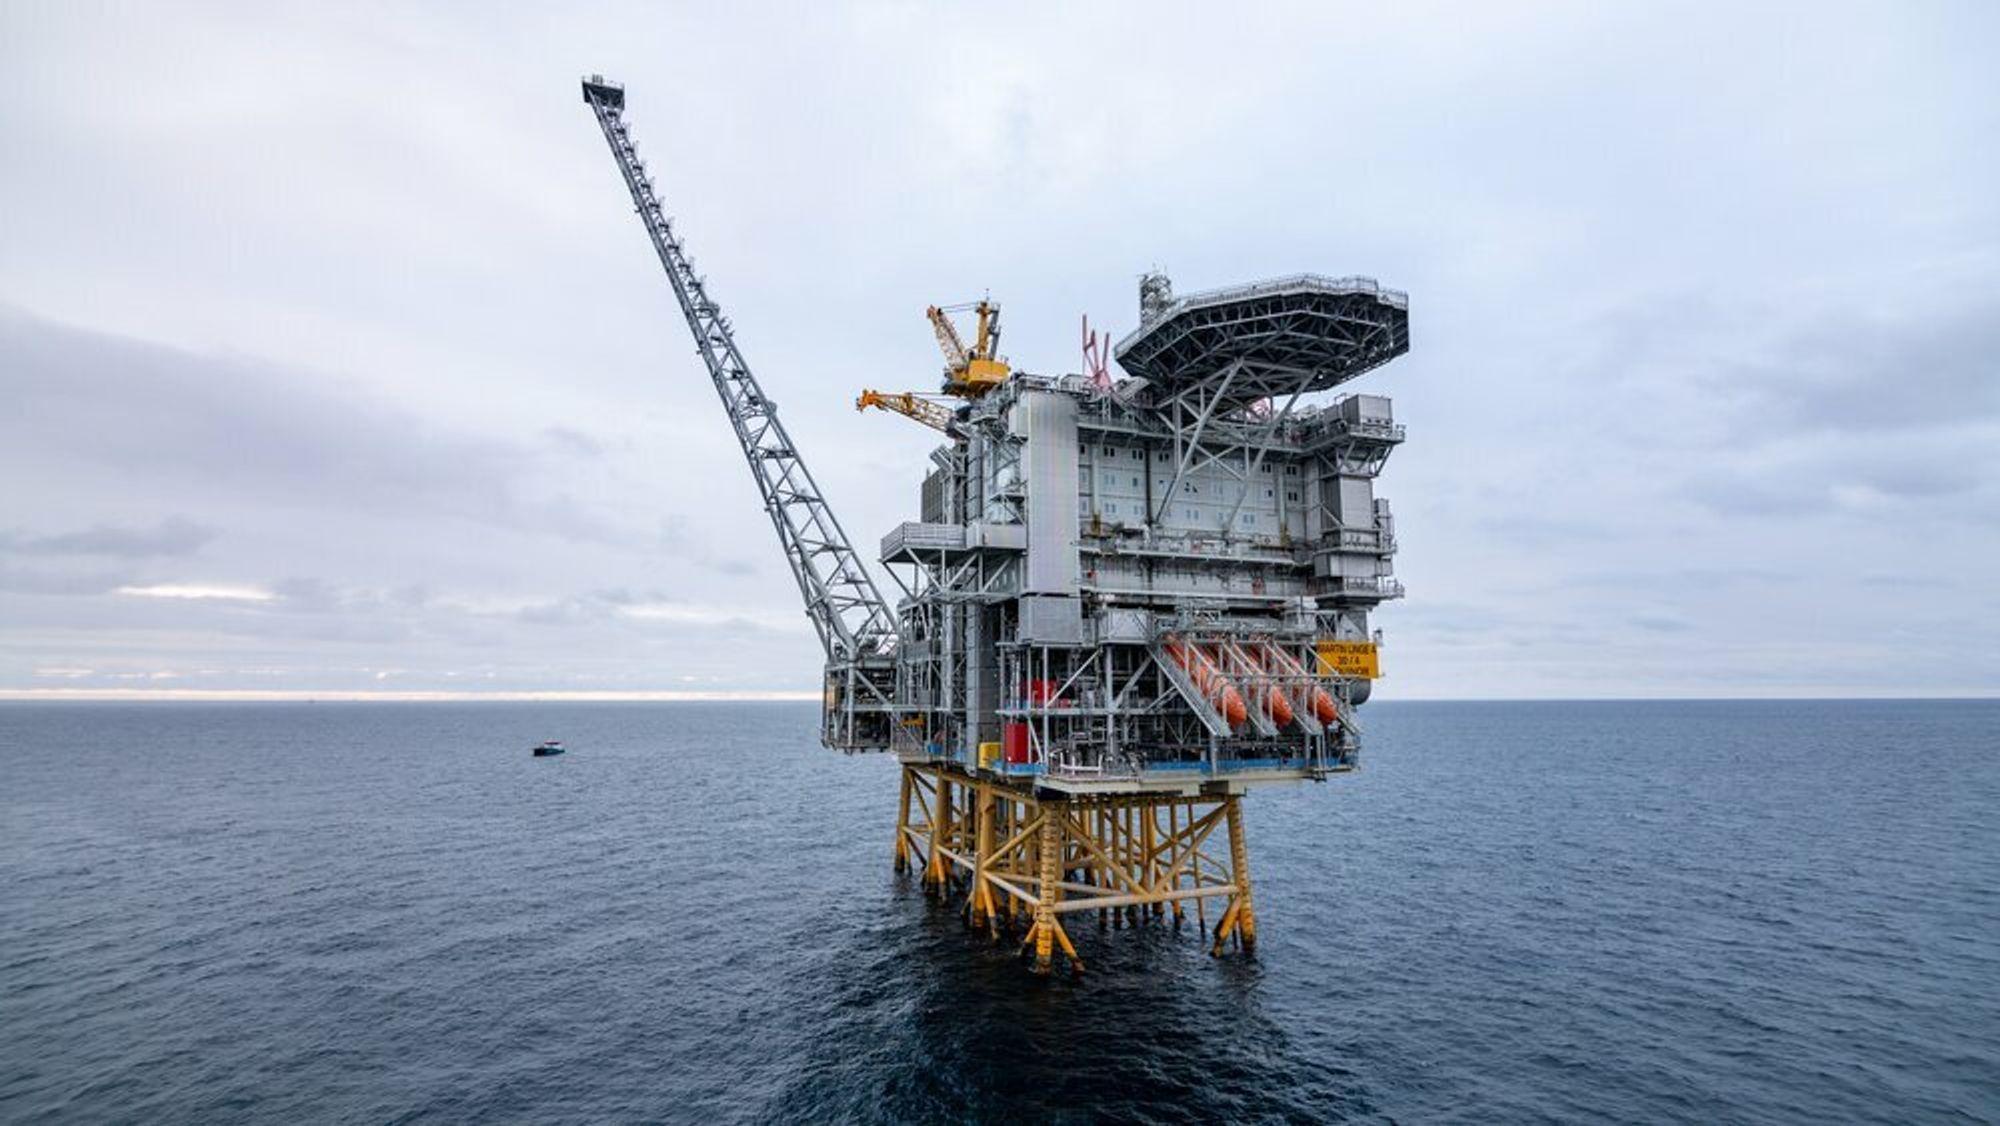 Norsk olje og gass mener vekterstreiken kan koste flere hundre millioner kroner i uken fremover, dersom det fører til forsinkelser på Martin Linge-utbyggingen og Johan Sverdrup fase 2.